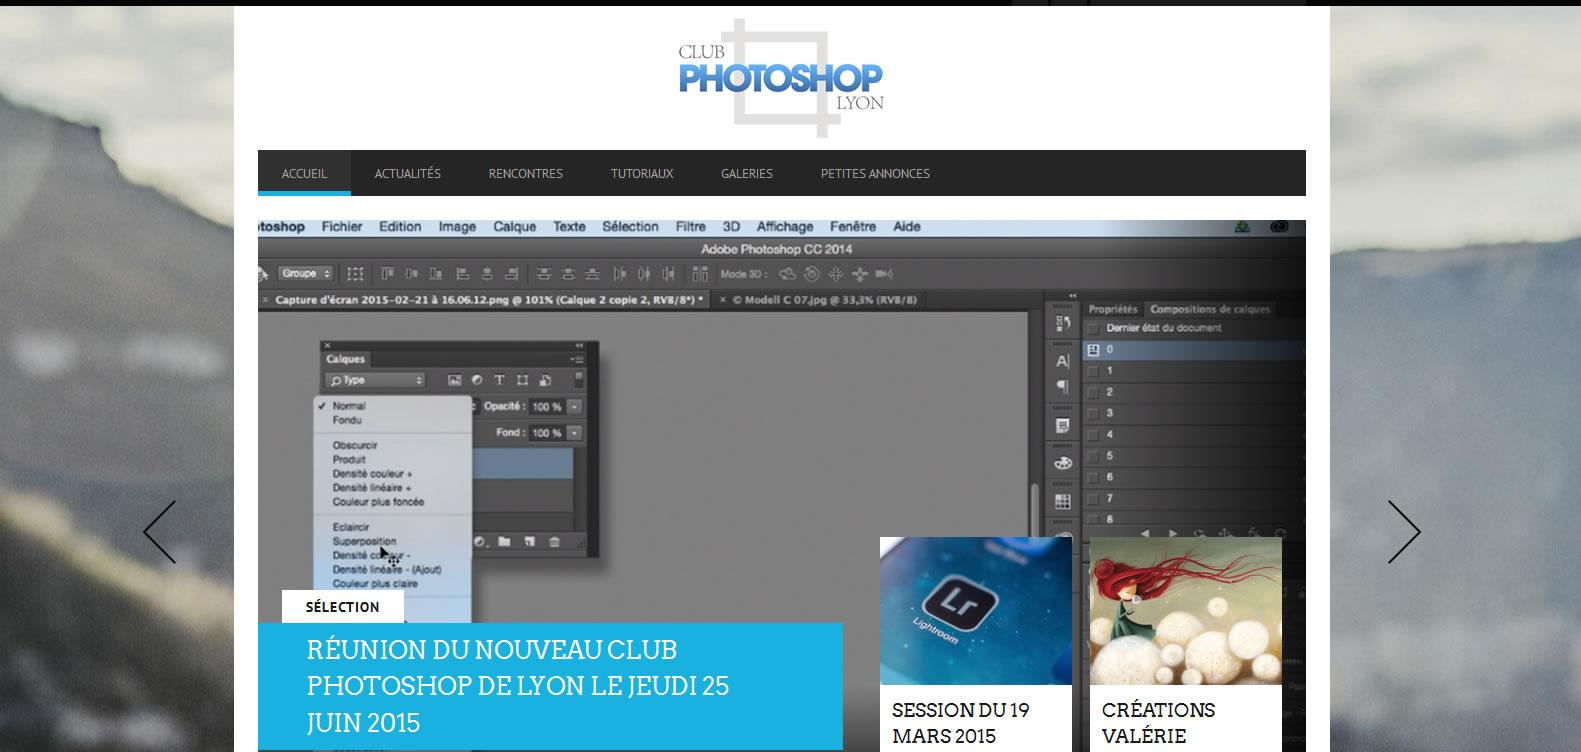 Club Photoshop Lyon